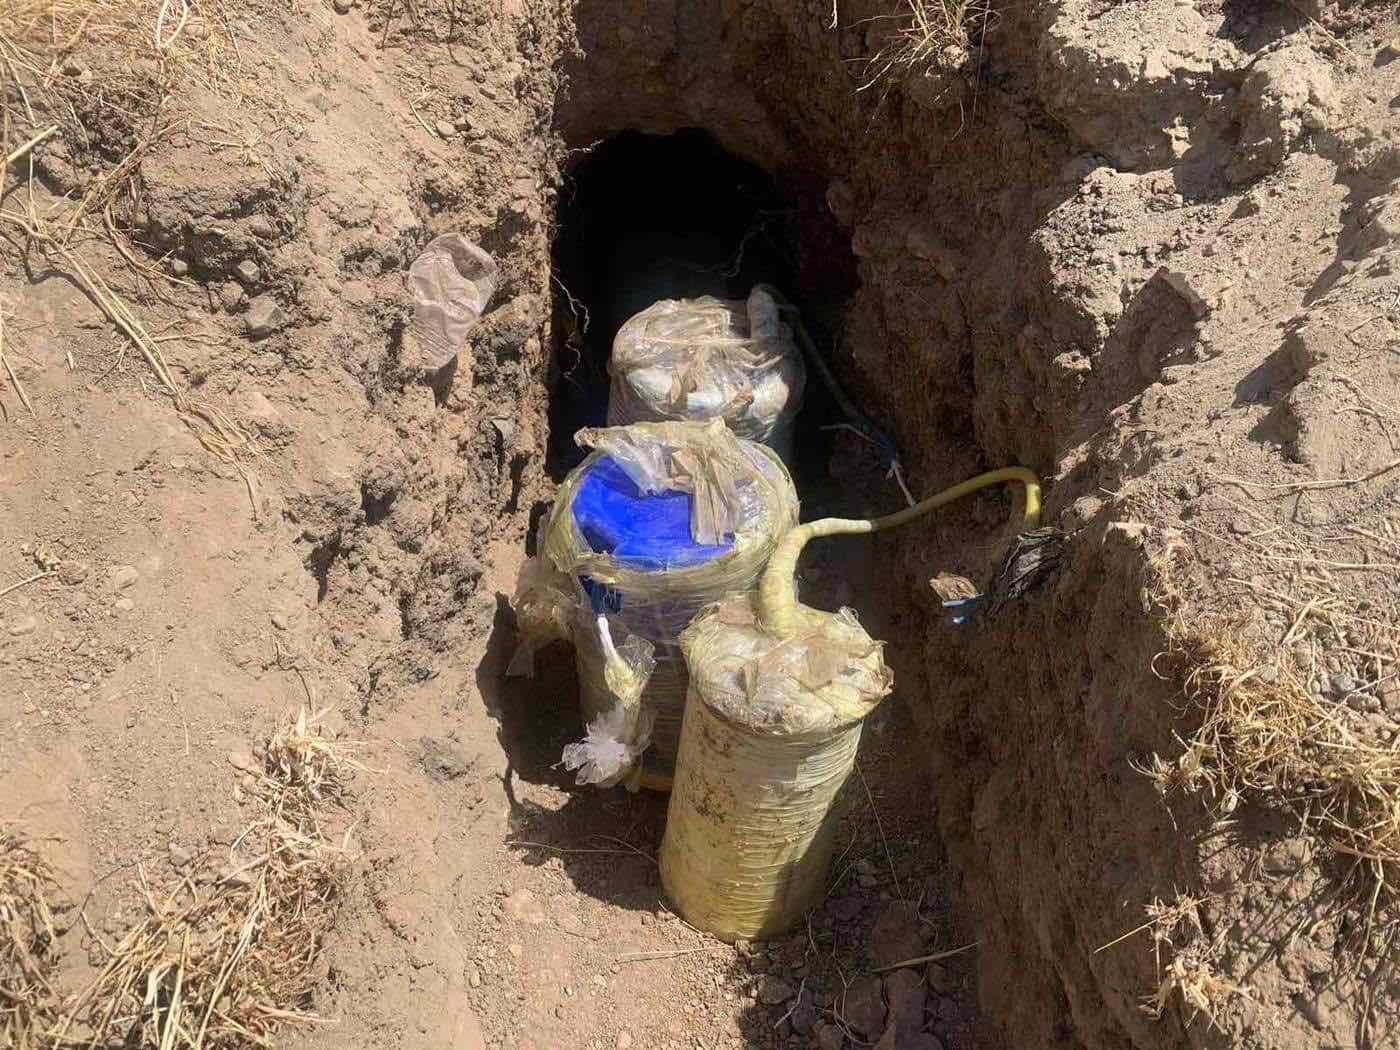 PKK'nin yola döşediği bomba düzeneği Peşmerge tarafından etkisiz hale getirildi!